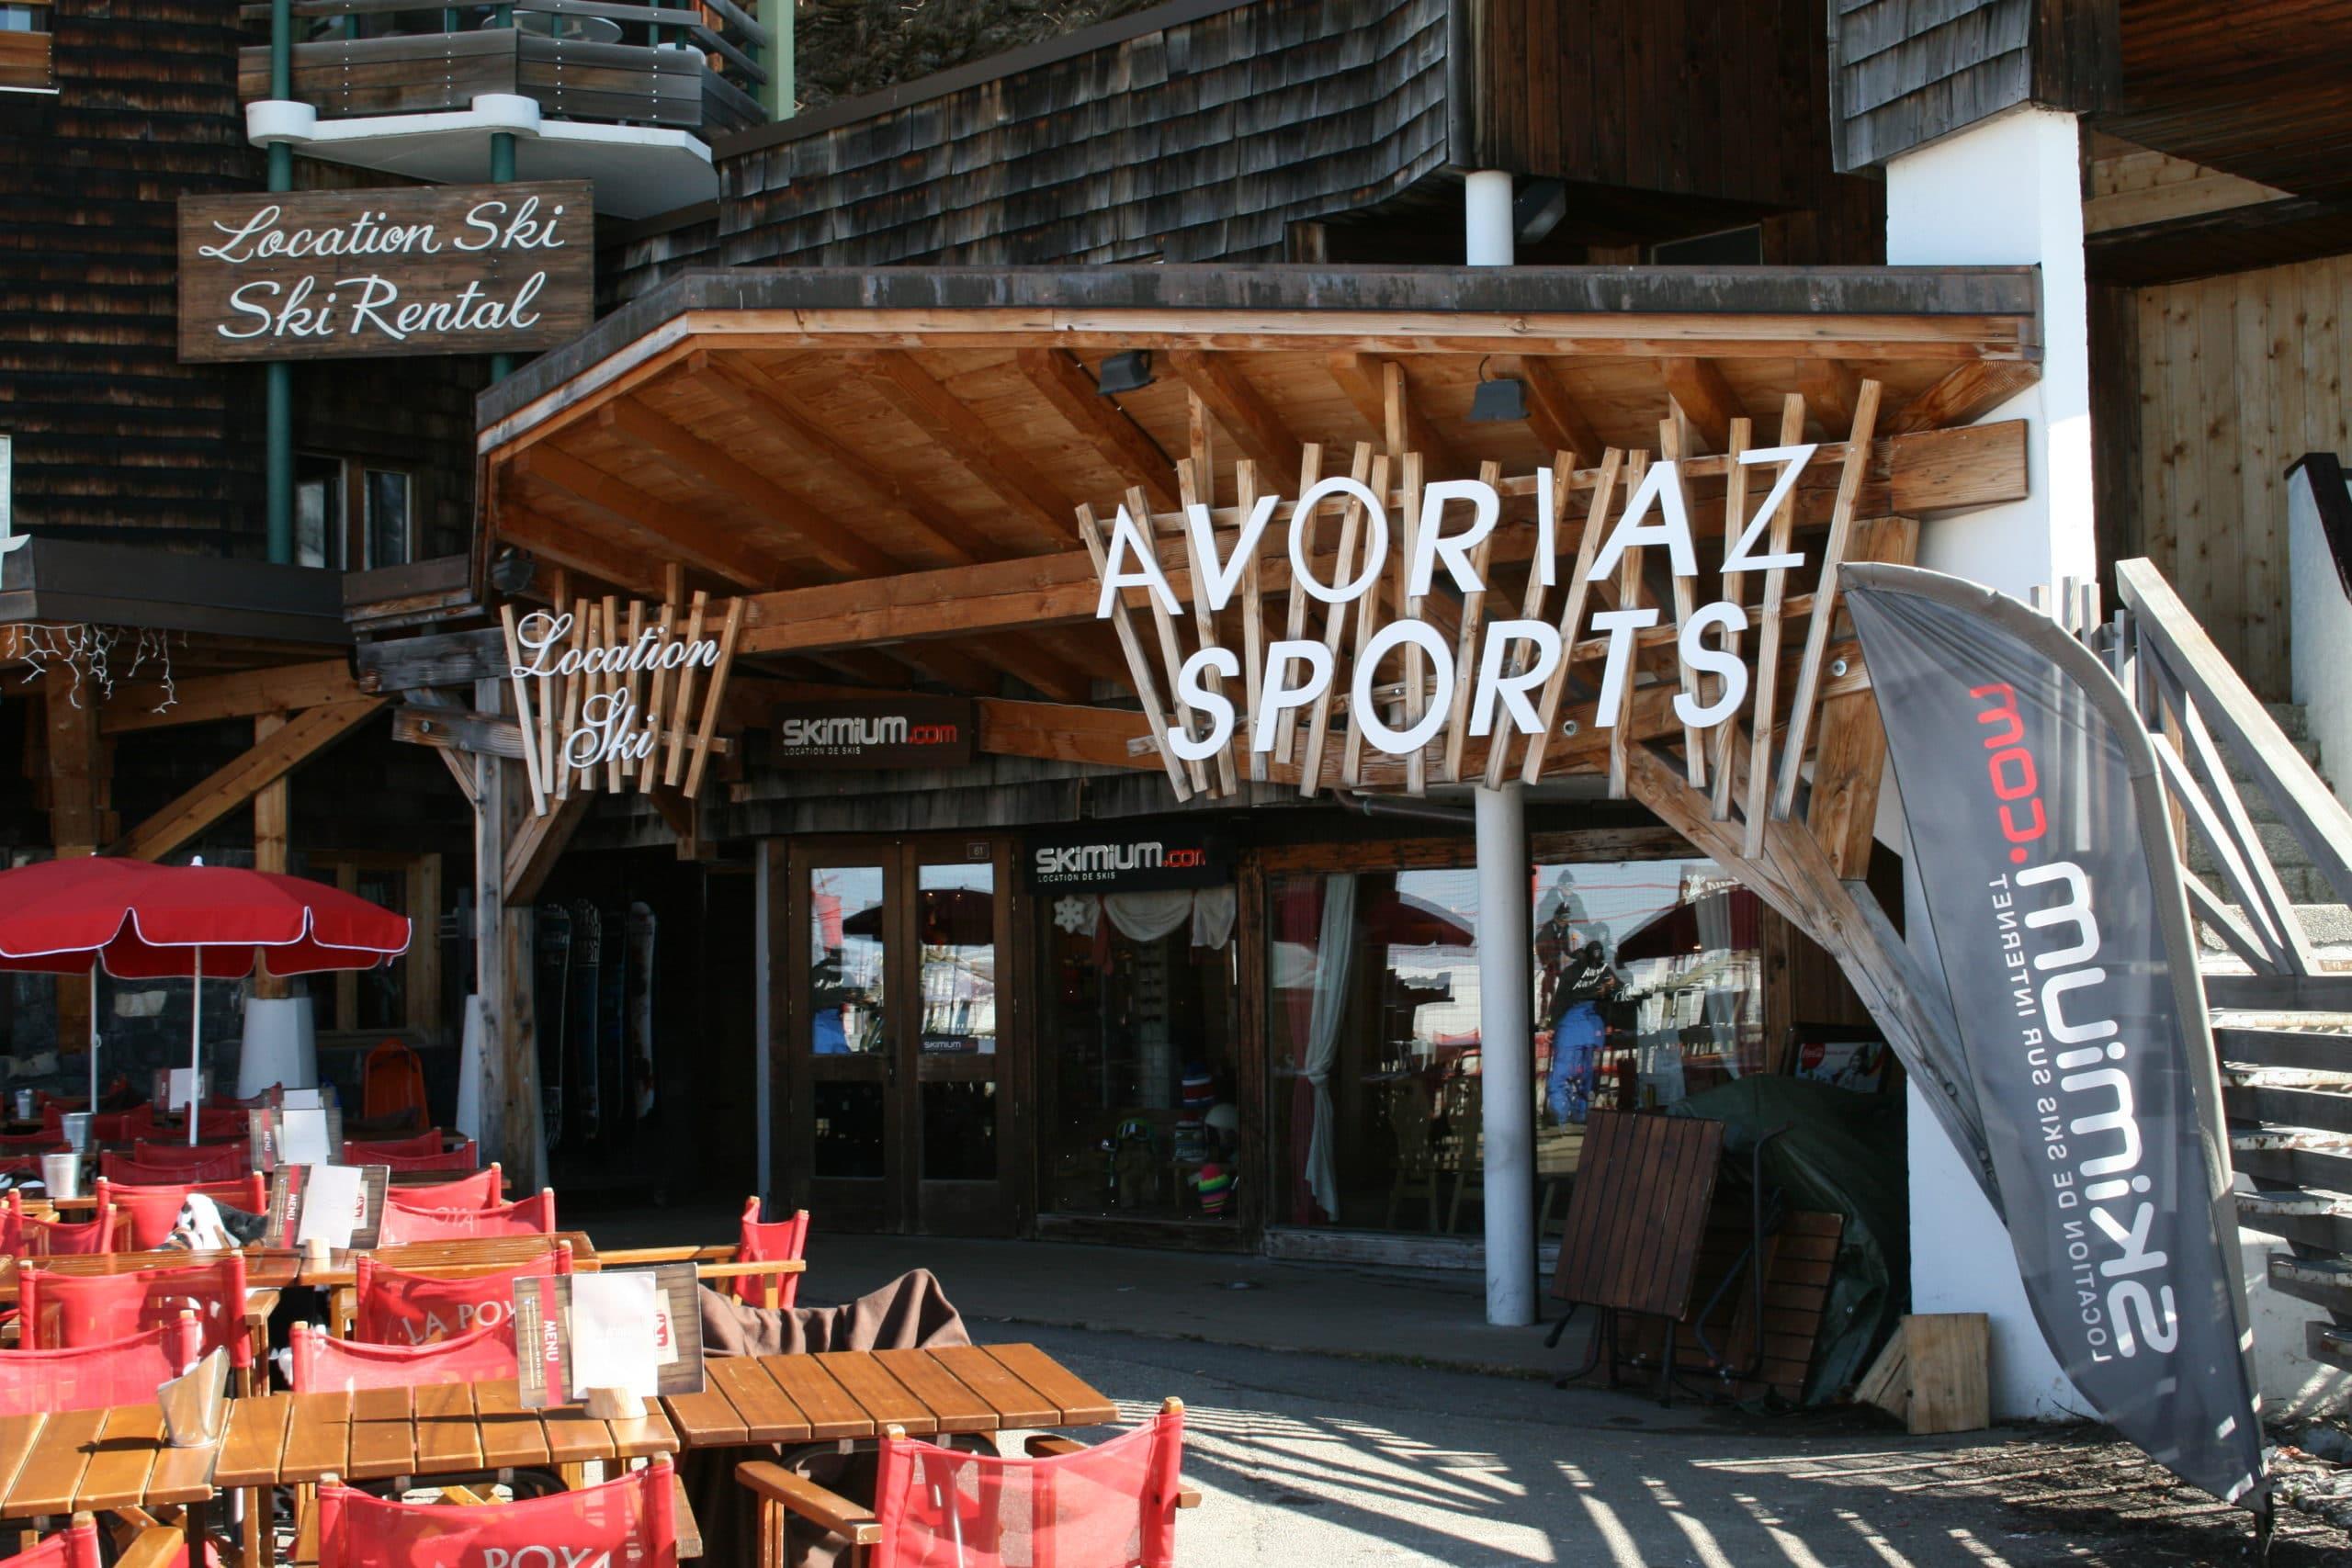 Visitez notre magasin partenaire proposant des articles de sports pour vos sorties d'hiver à Avoriaz 1800 face à l'arrivée du téléphérique des Prodains